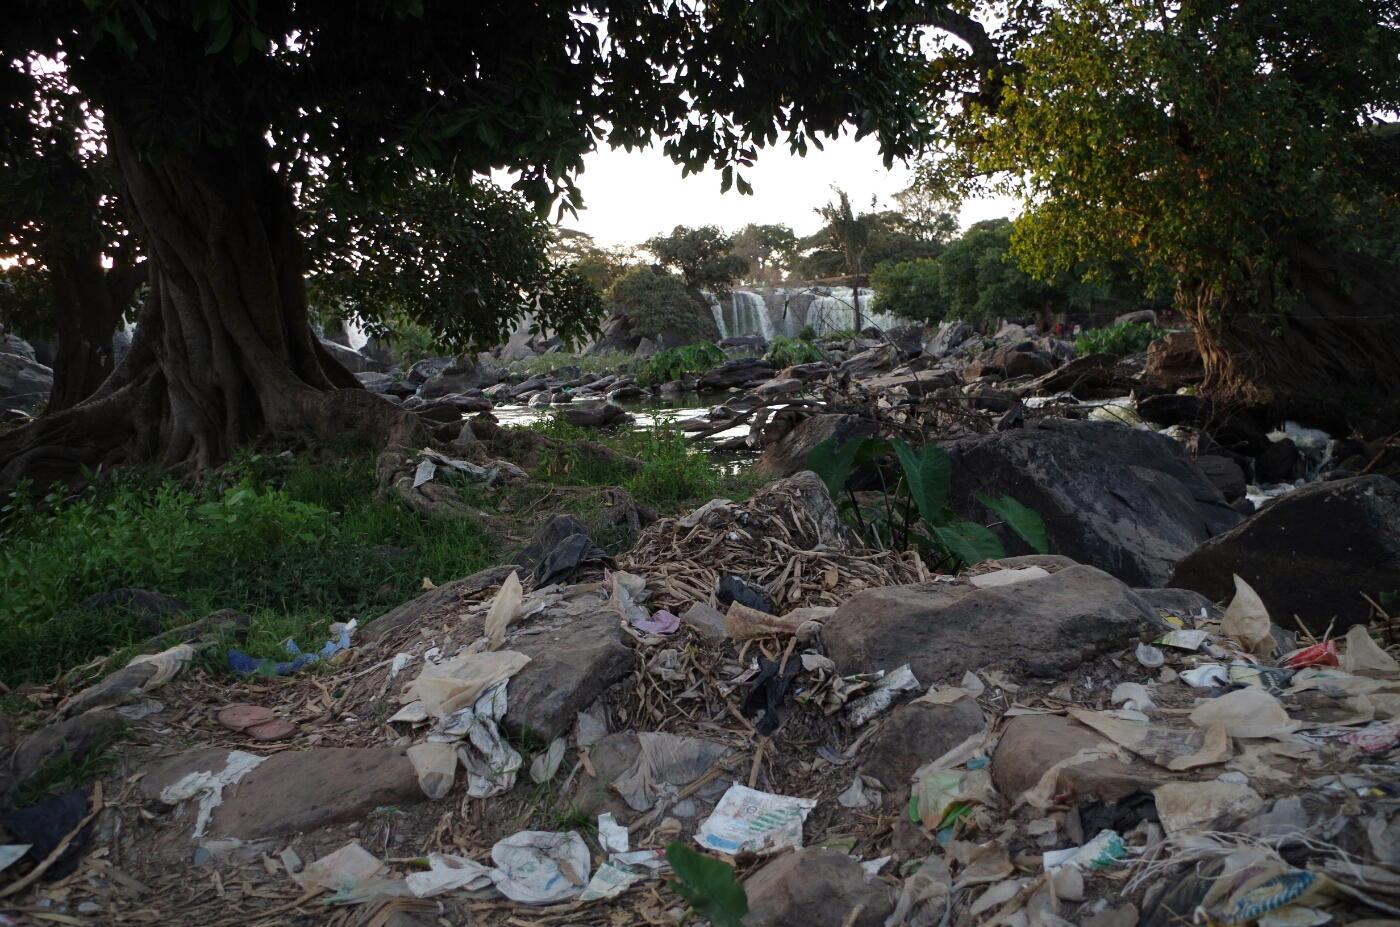 Garbage at Fourteen Falls, Donyo, Kenya